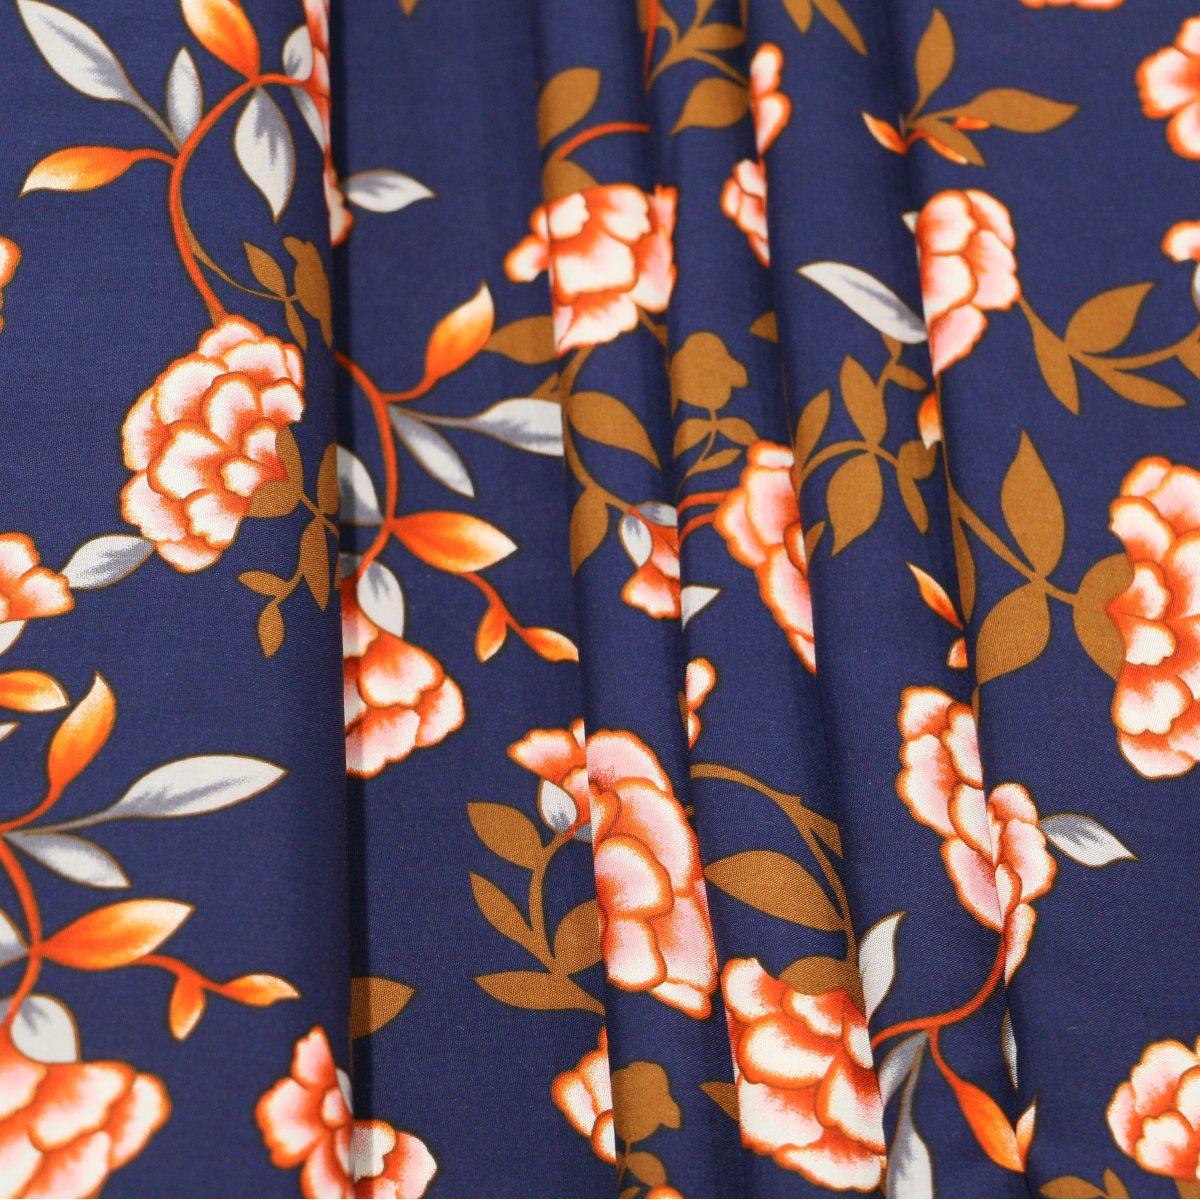 ¿Quieres añadir un poco de color a tu armario?Tenemos Chalís Estampado, con su fondo azul resalta el naranja de las flores.  . . #Cortitelas #Honduras #LoMejorenTelas #ModaHonduras #FashionHonduras #ImaginaTodoloquePuedesCrear #Crealo #Diseñalo #Imagínalo #Crea #Imagina #Diseña